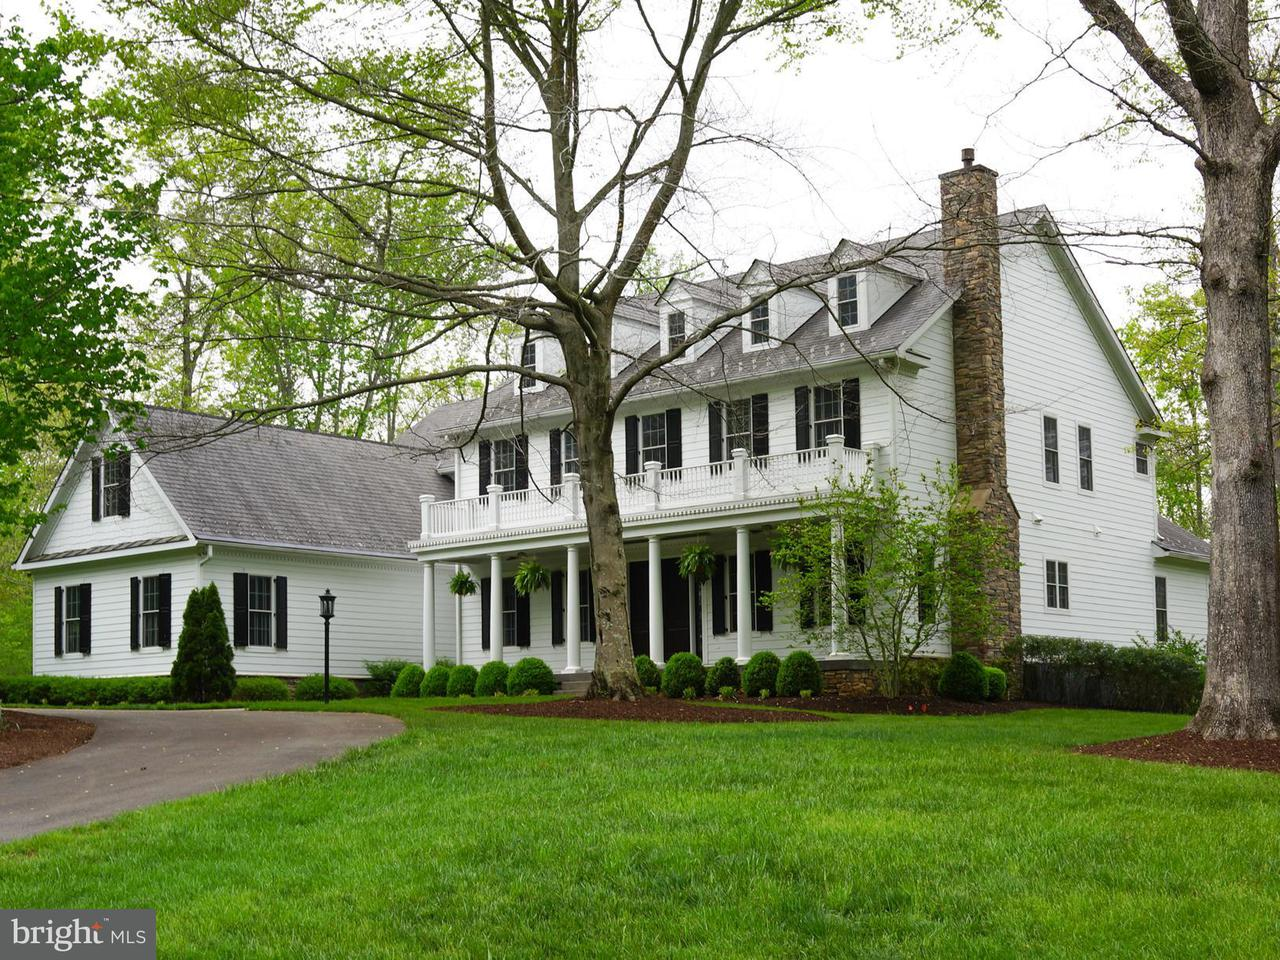 Μονοκατοικία για την Πώληση στο 1065 Hemlock Creek Court 1065 Hemlock Creek Court Earlysville, Βιρτζινια 22936 Ηνωμενεσ Πολιτειεσ